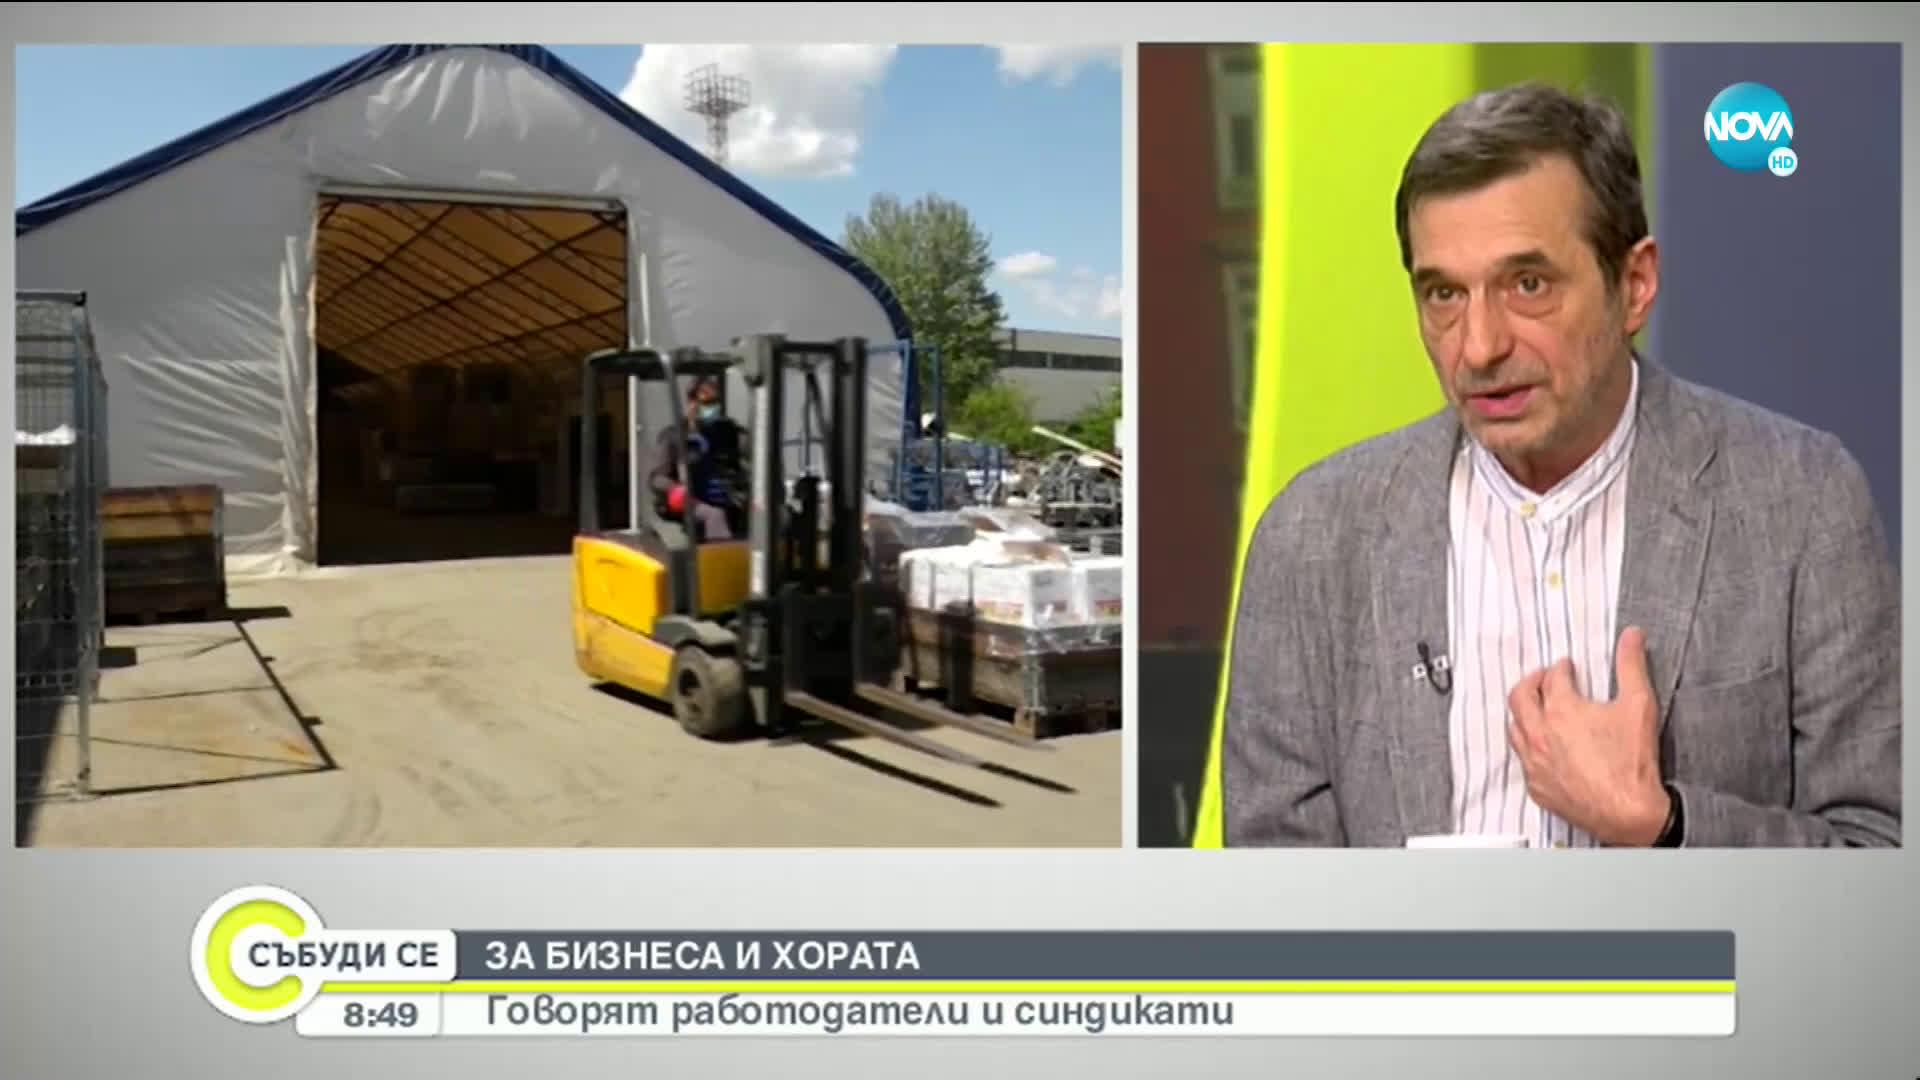 """Васил Велев: Трябва да има уволнения и разследване кражбата от """"Топлофикация"""""""